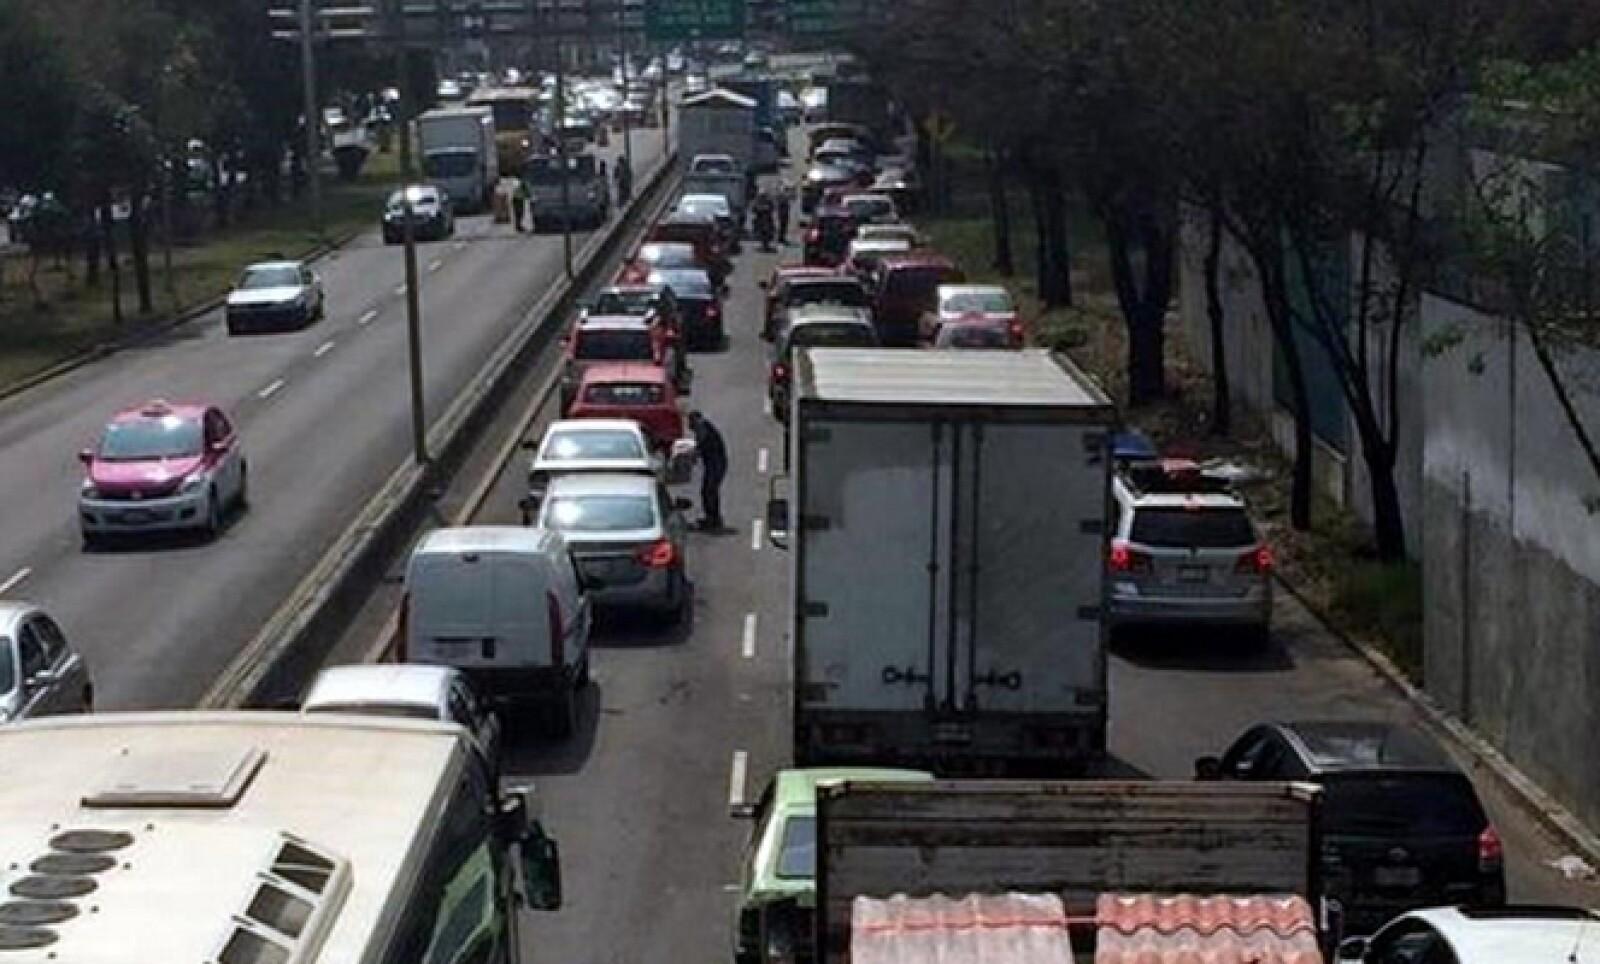 El tráfico se extendía hasta el Viaducto Tlalpan en la Ciudad de México, reportaron usuarios de redes sociales.